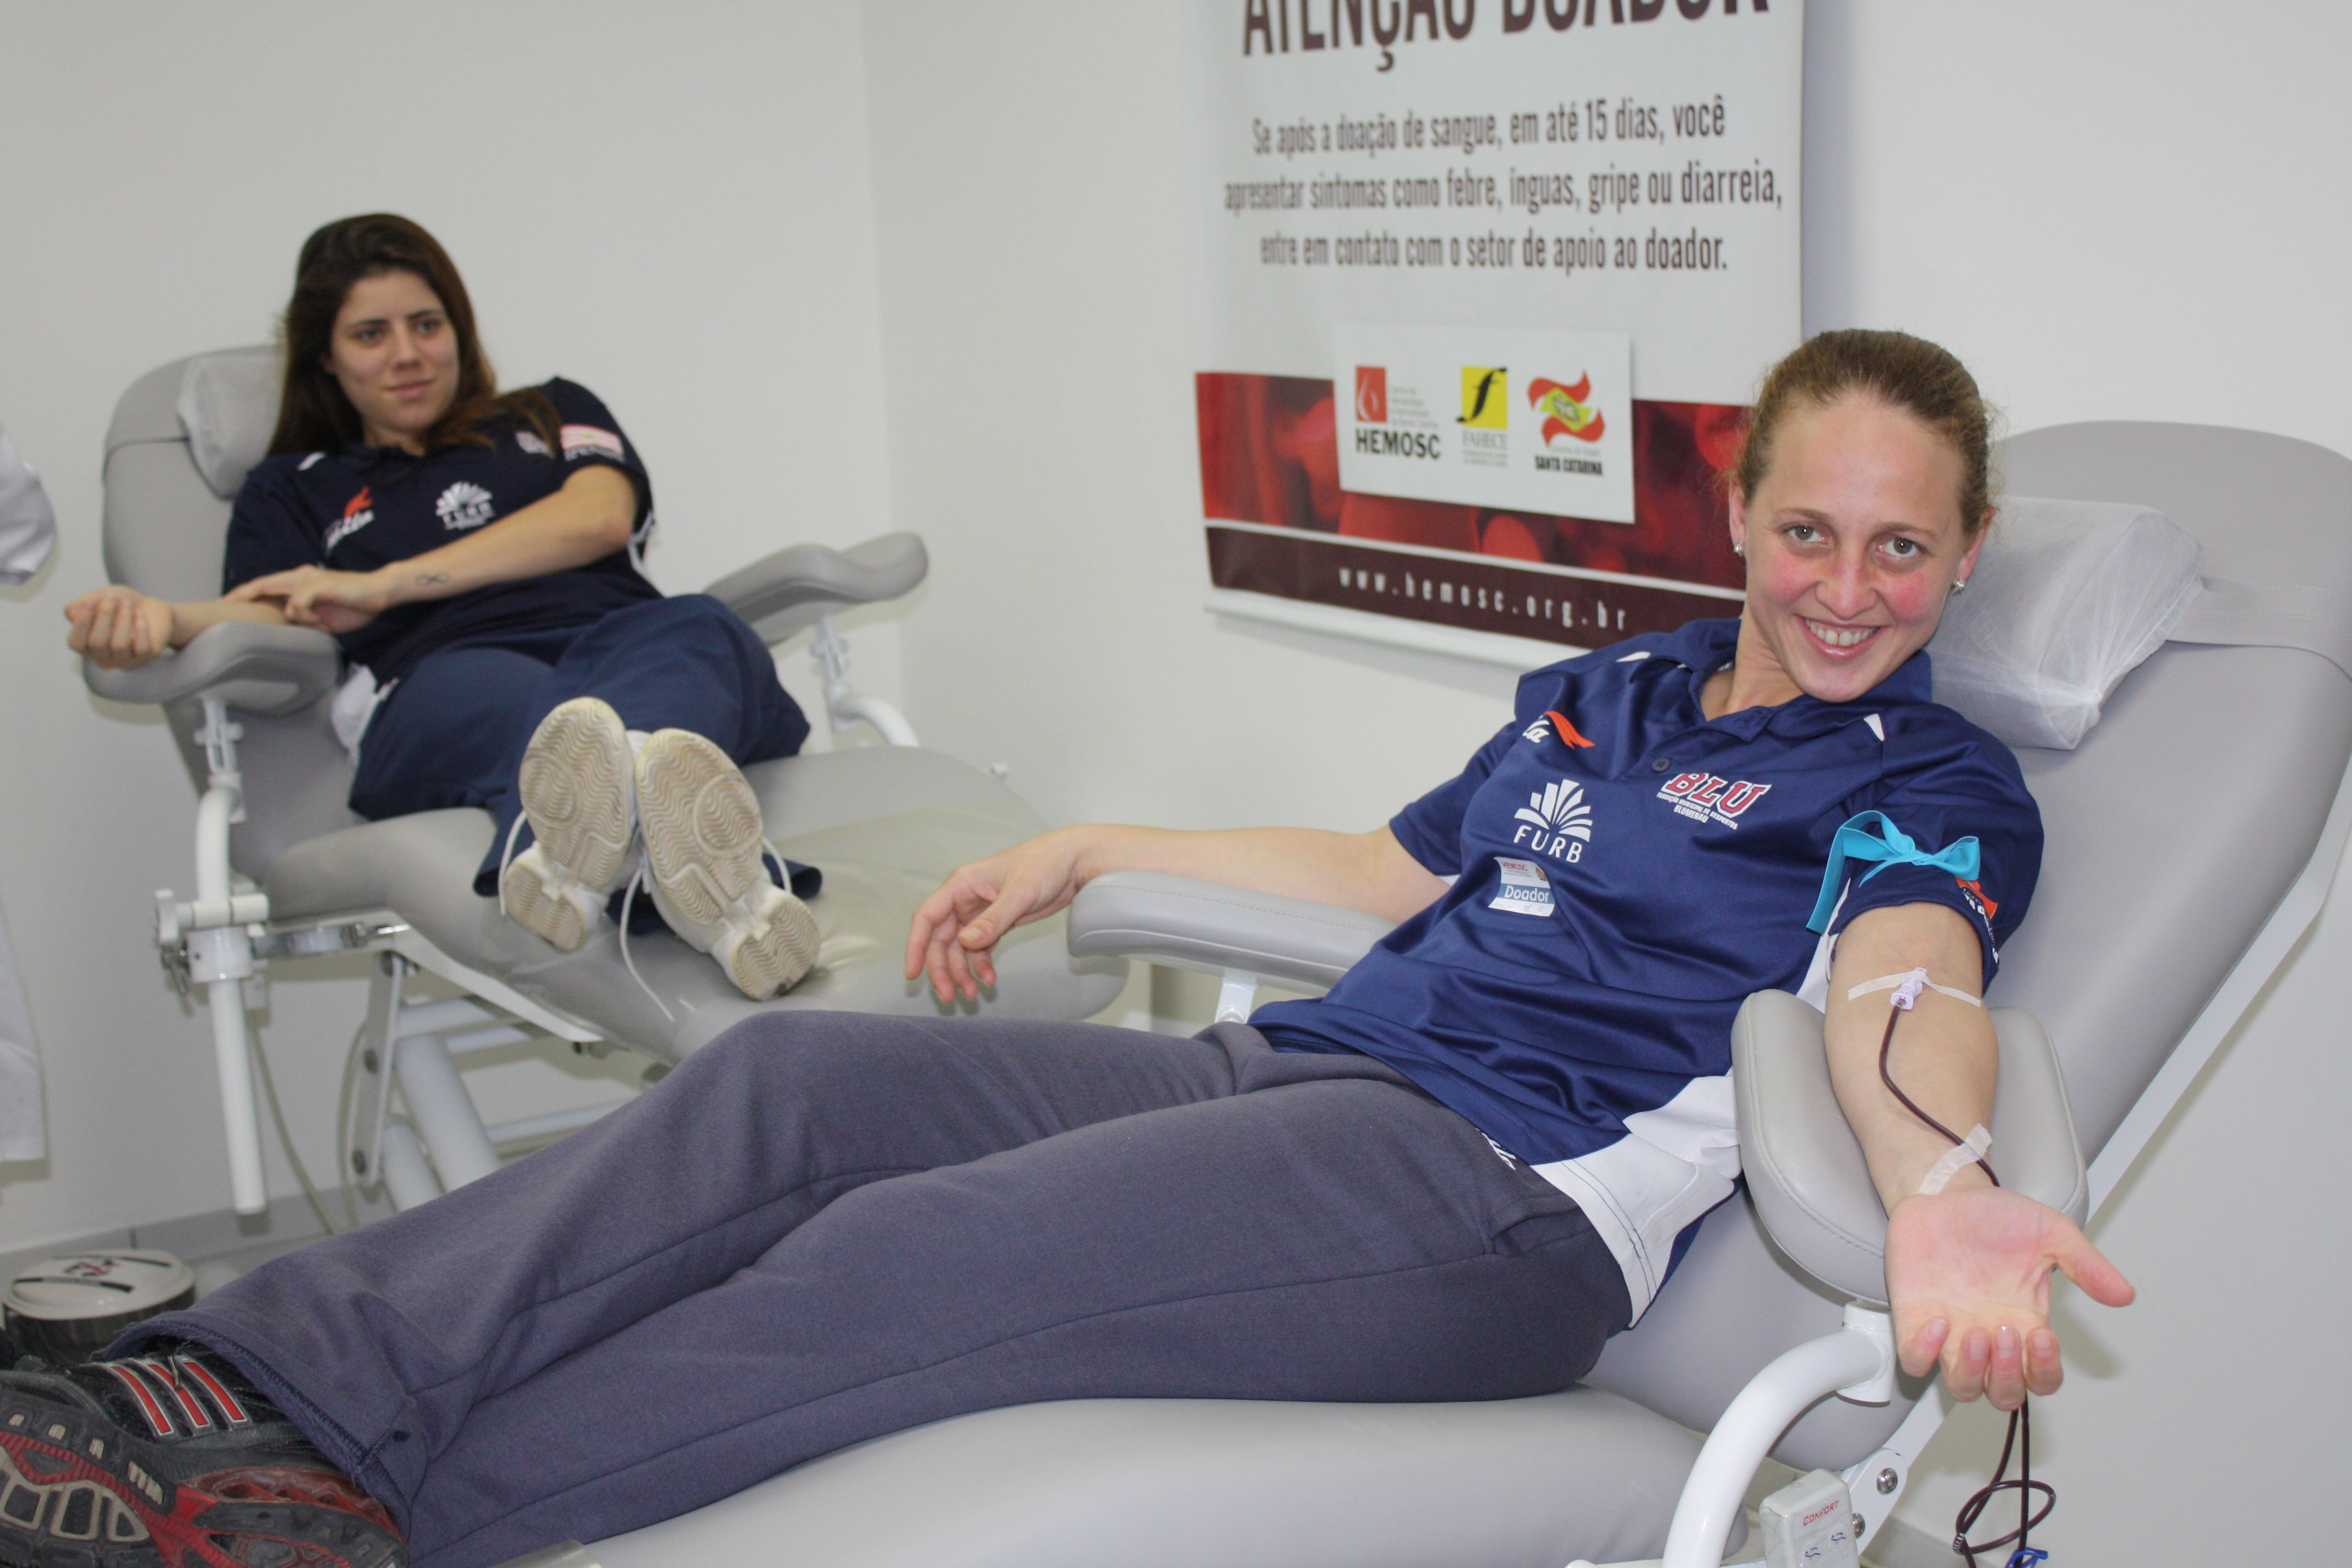 Equipe de handebol feminino Blumenau/FURB doa sangue no Hemosc CRÉDITO: Leo Laps